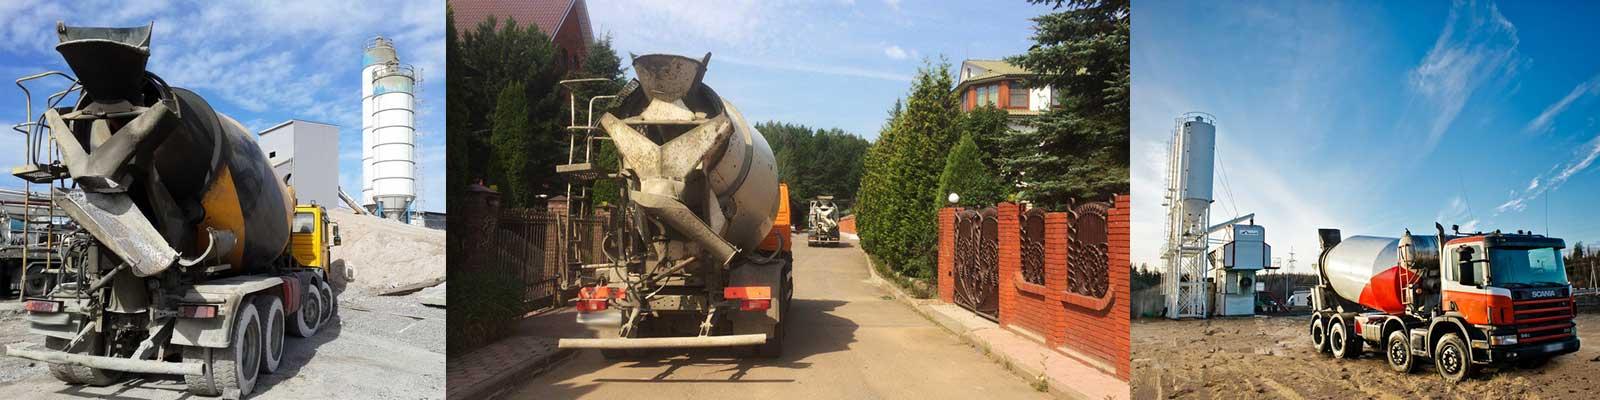 Купить бетон в Одинцово с доставкой